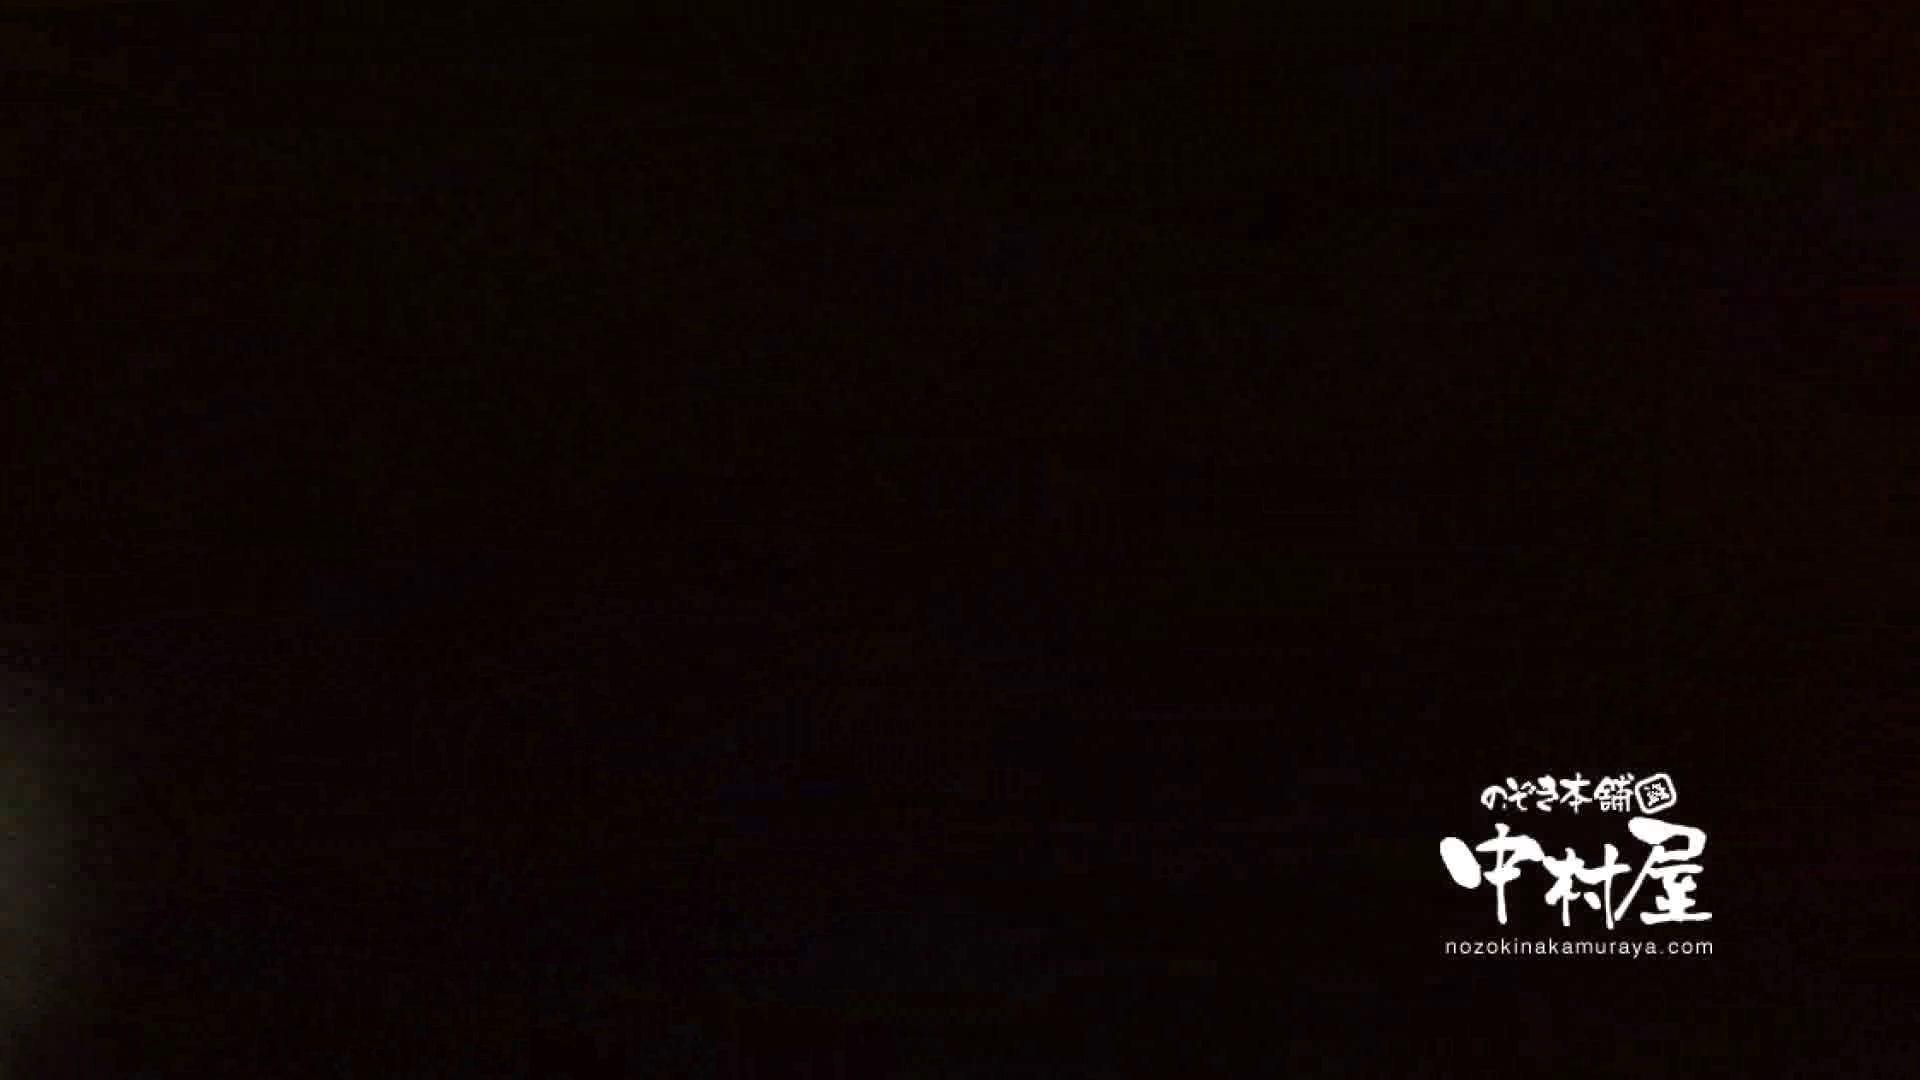 鬼畜 vol.12 剥ぎ取ったら色白でゴウモウだった 前編 鬼畜 | 綺麗なOLたち  101枚 53